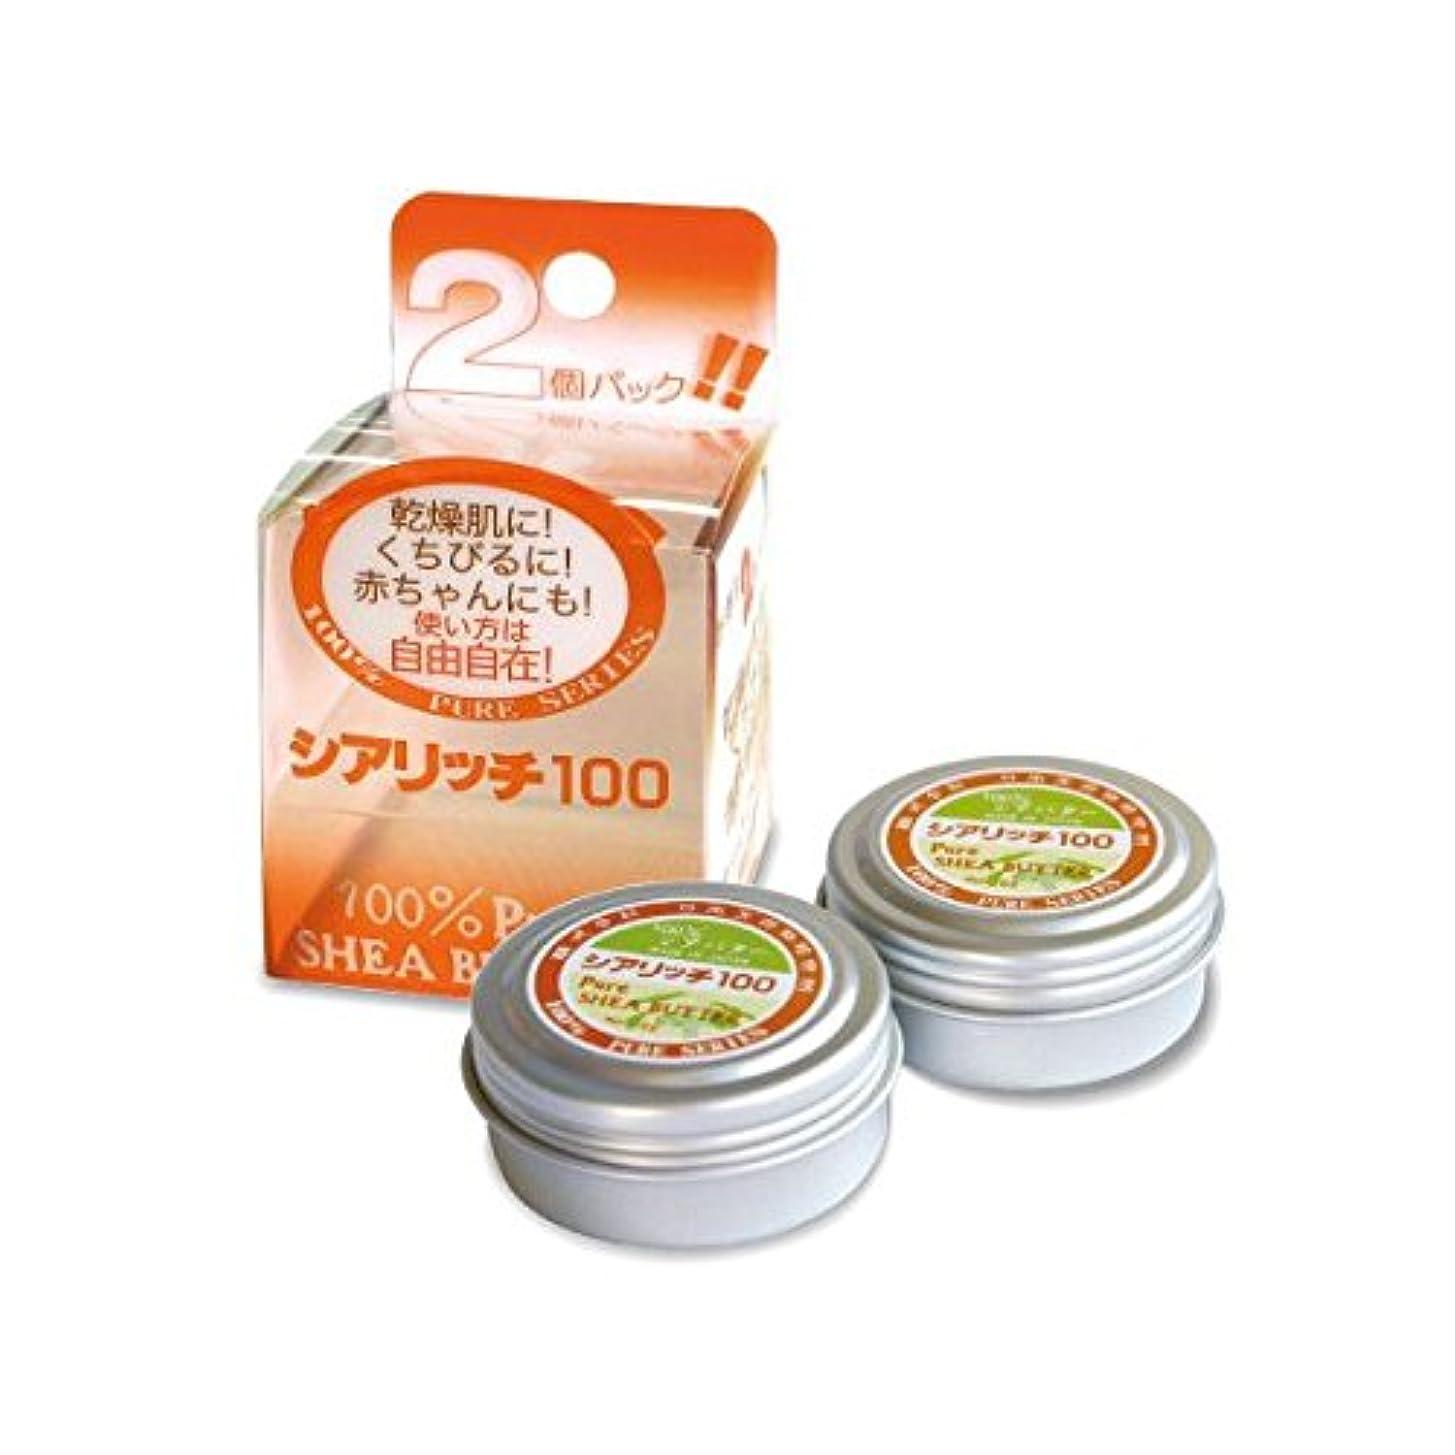 刈り取る劇的トマト日本天然物研究所 シアリッチ100 (8g×2個入り)【単品】(無添加100%シアバター)無香料